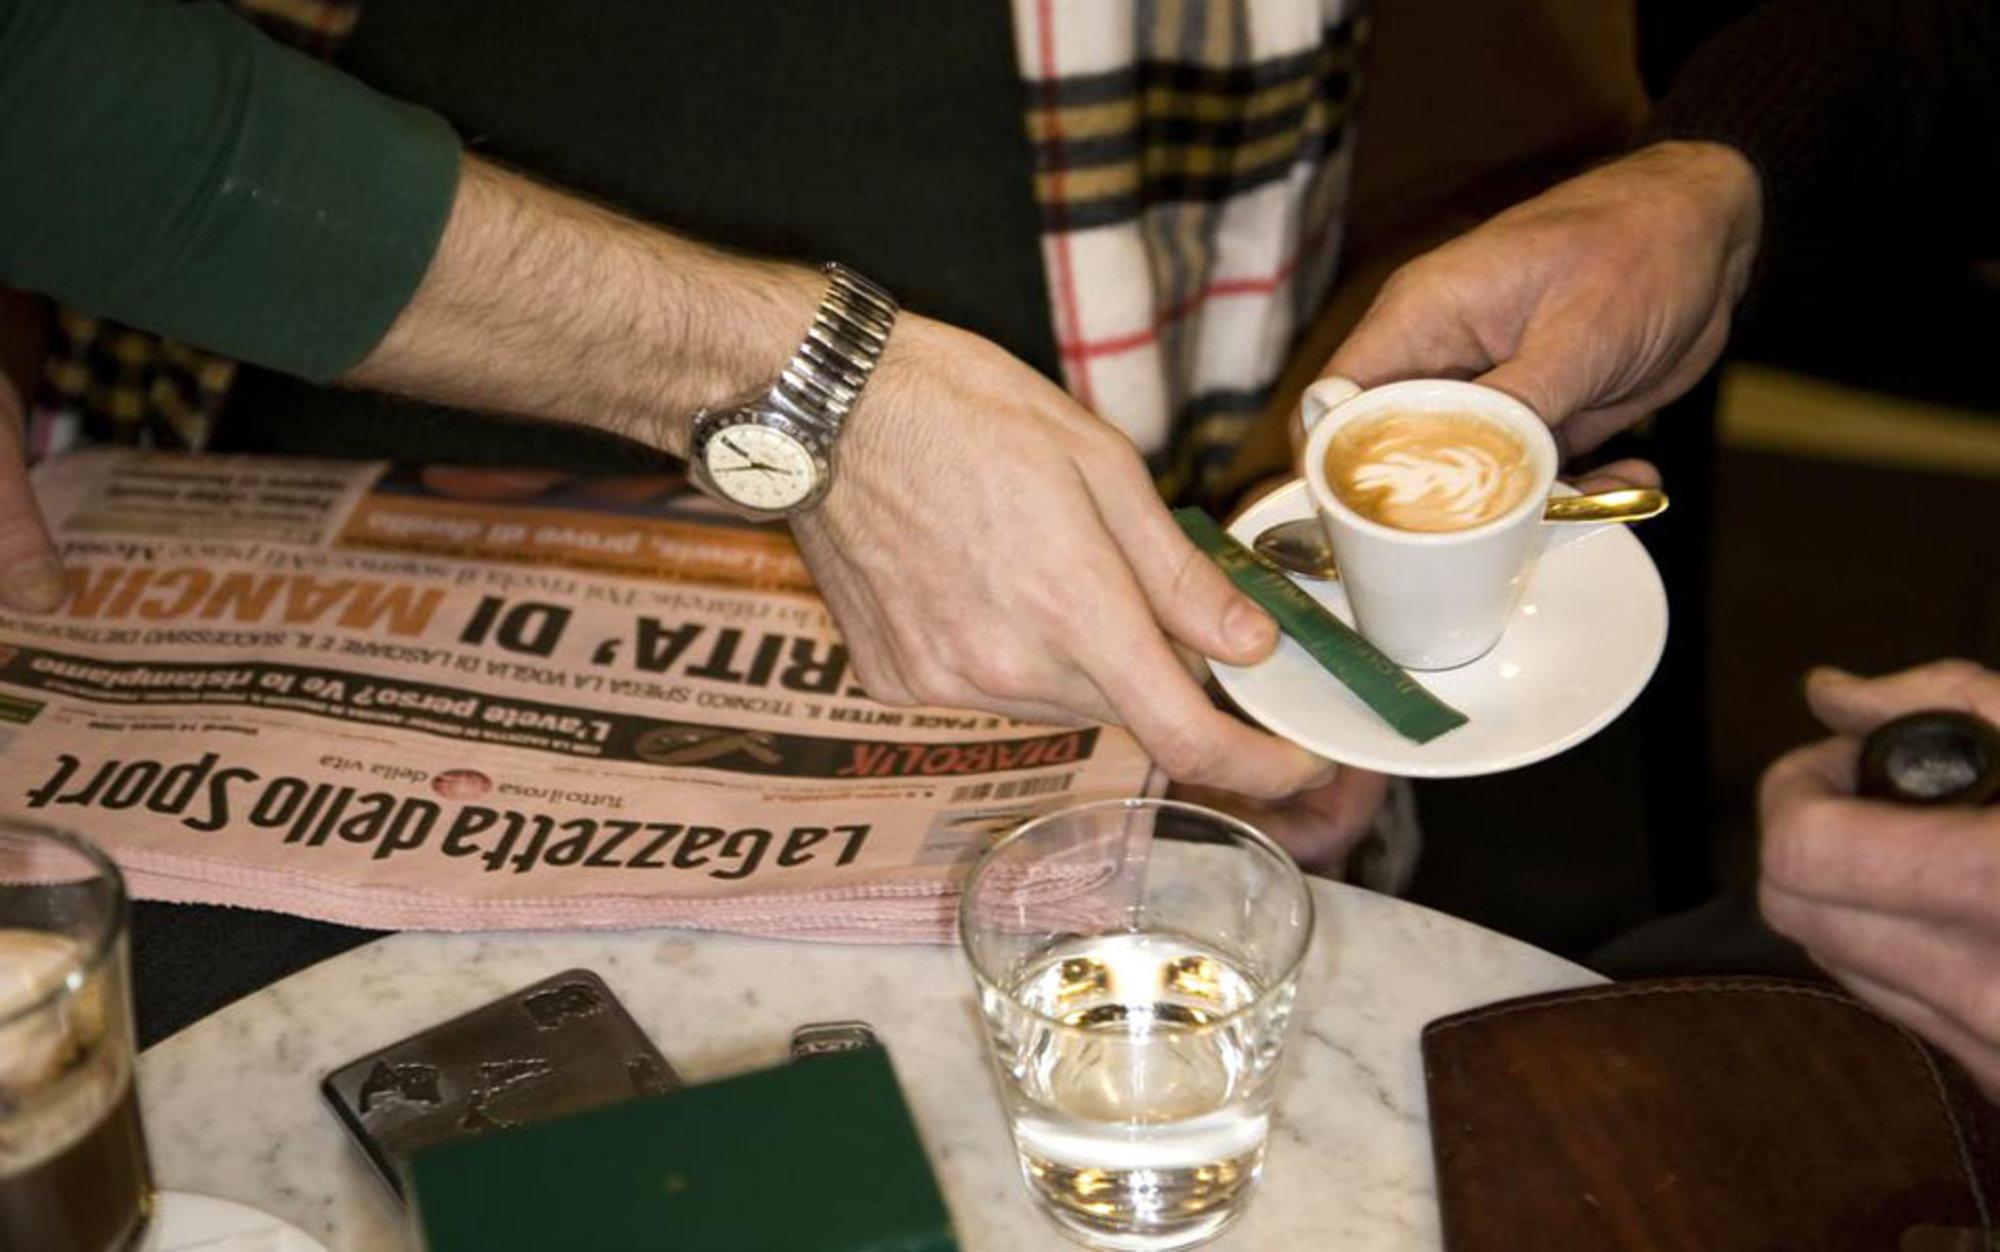 Header coffee and gazzetta